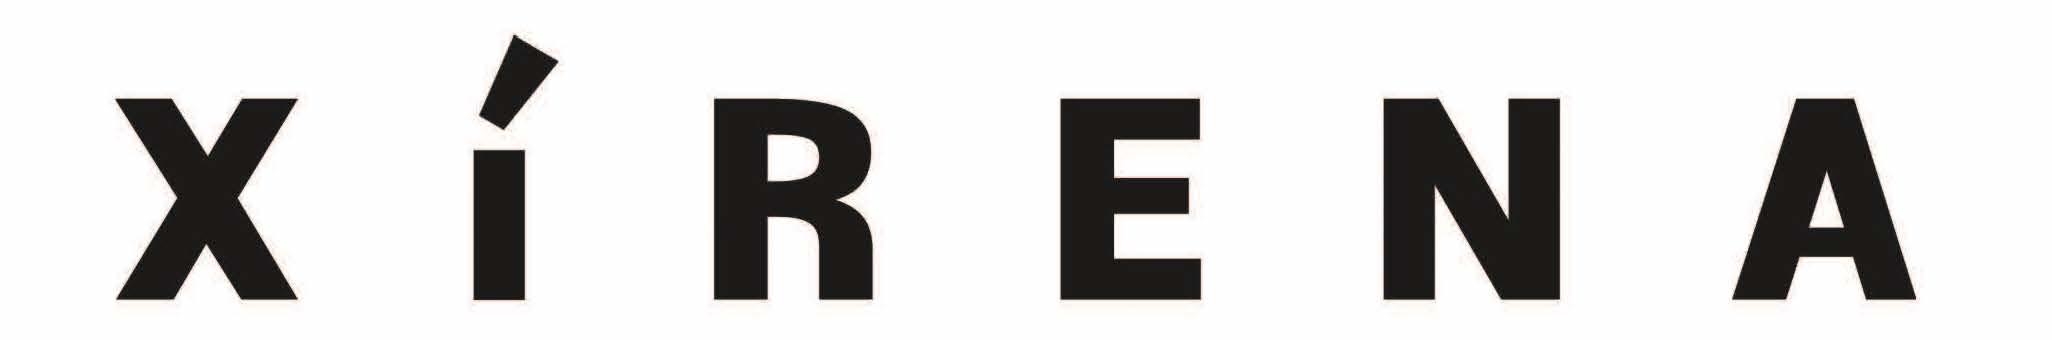 Xirena_Logo_Final_110909 (2).jpg